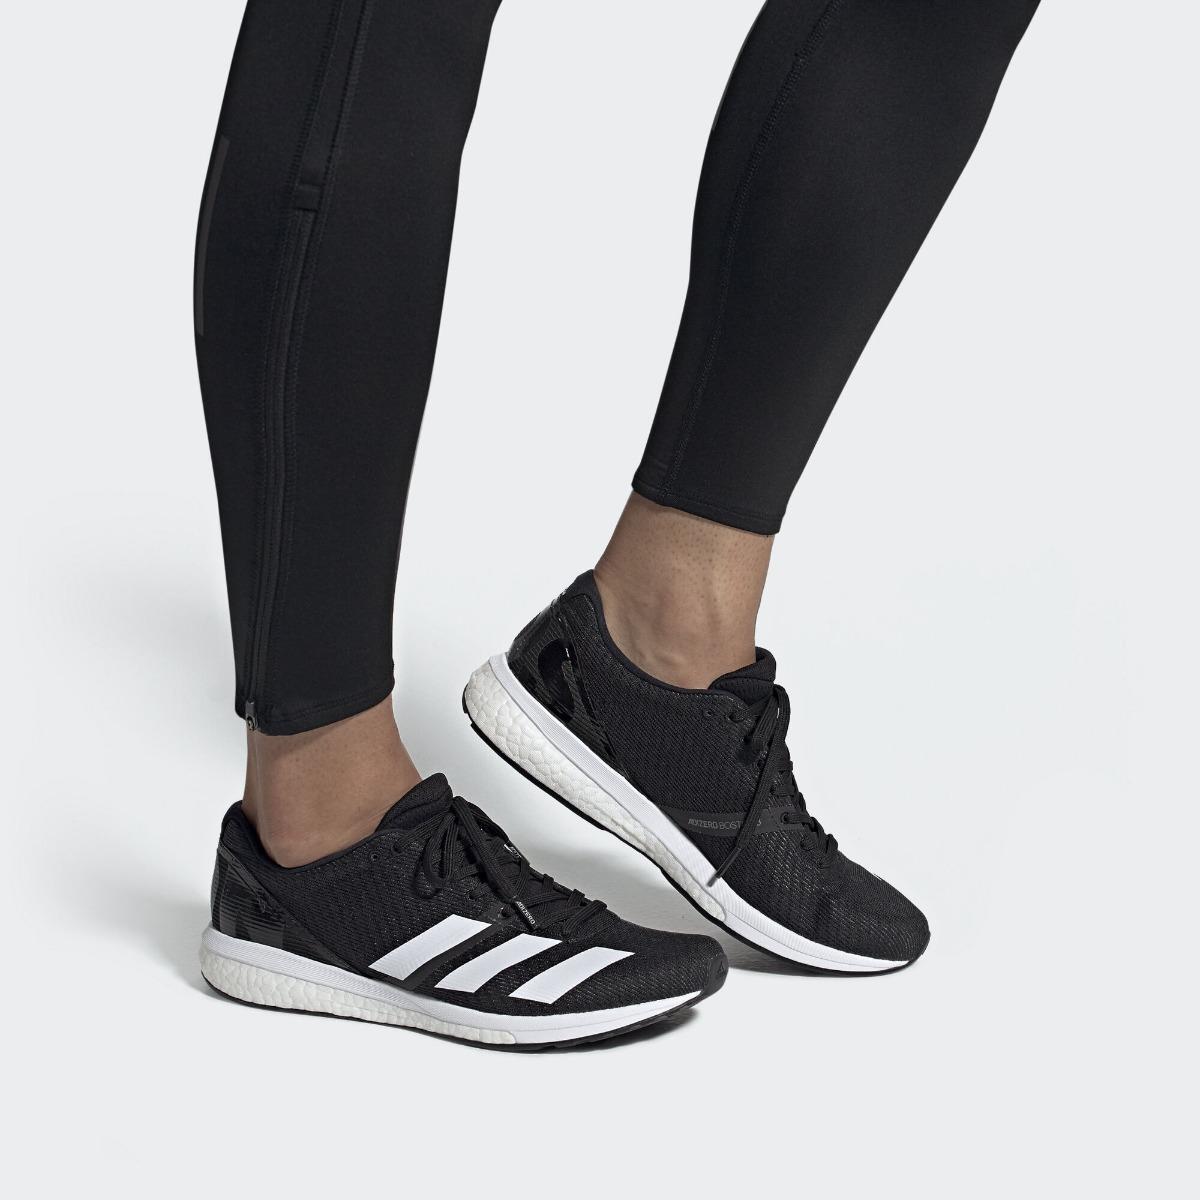 zapatos deportivos proveedor oficial nuevo estilo de vida Zapatillas adidas Adizero Boston 8 Running Neg De Hombre